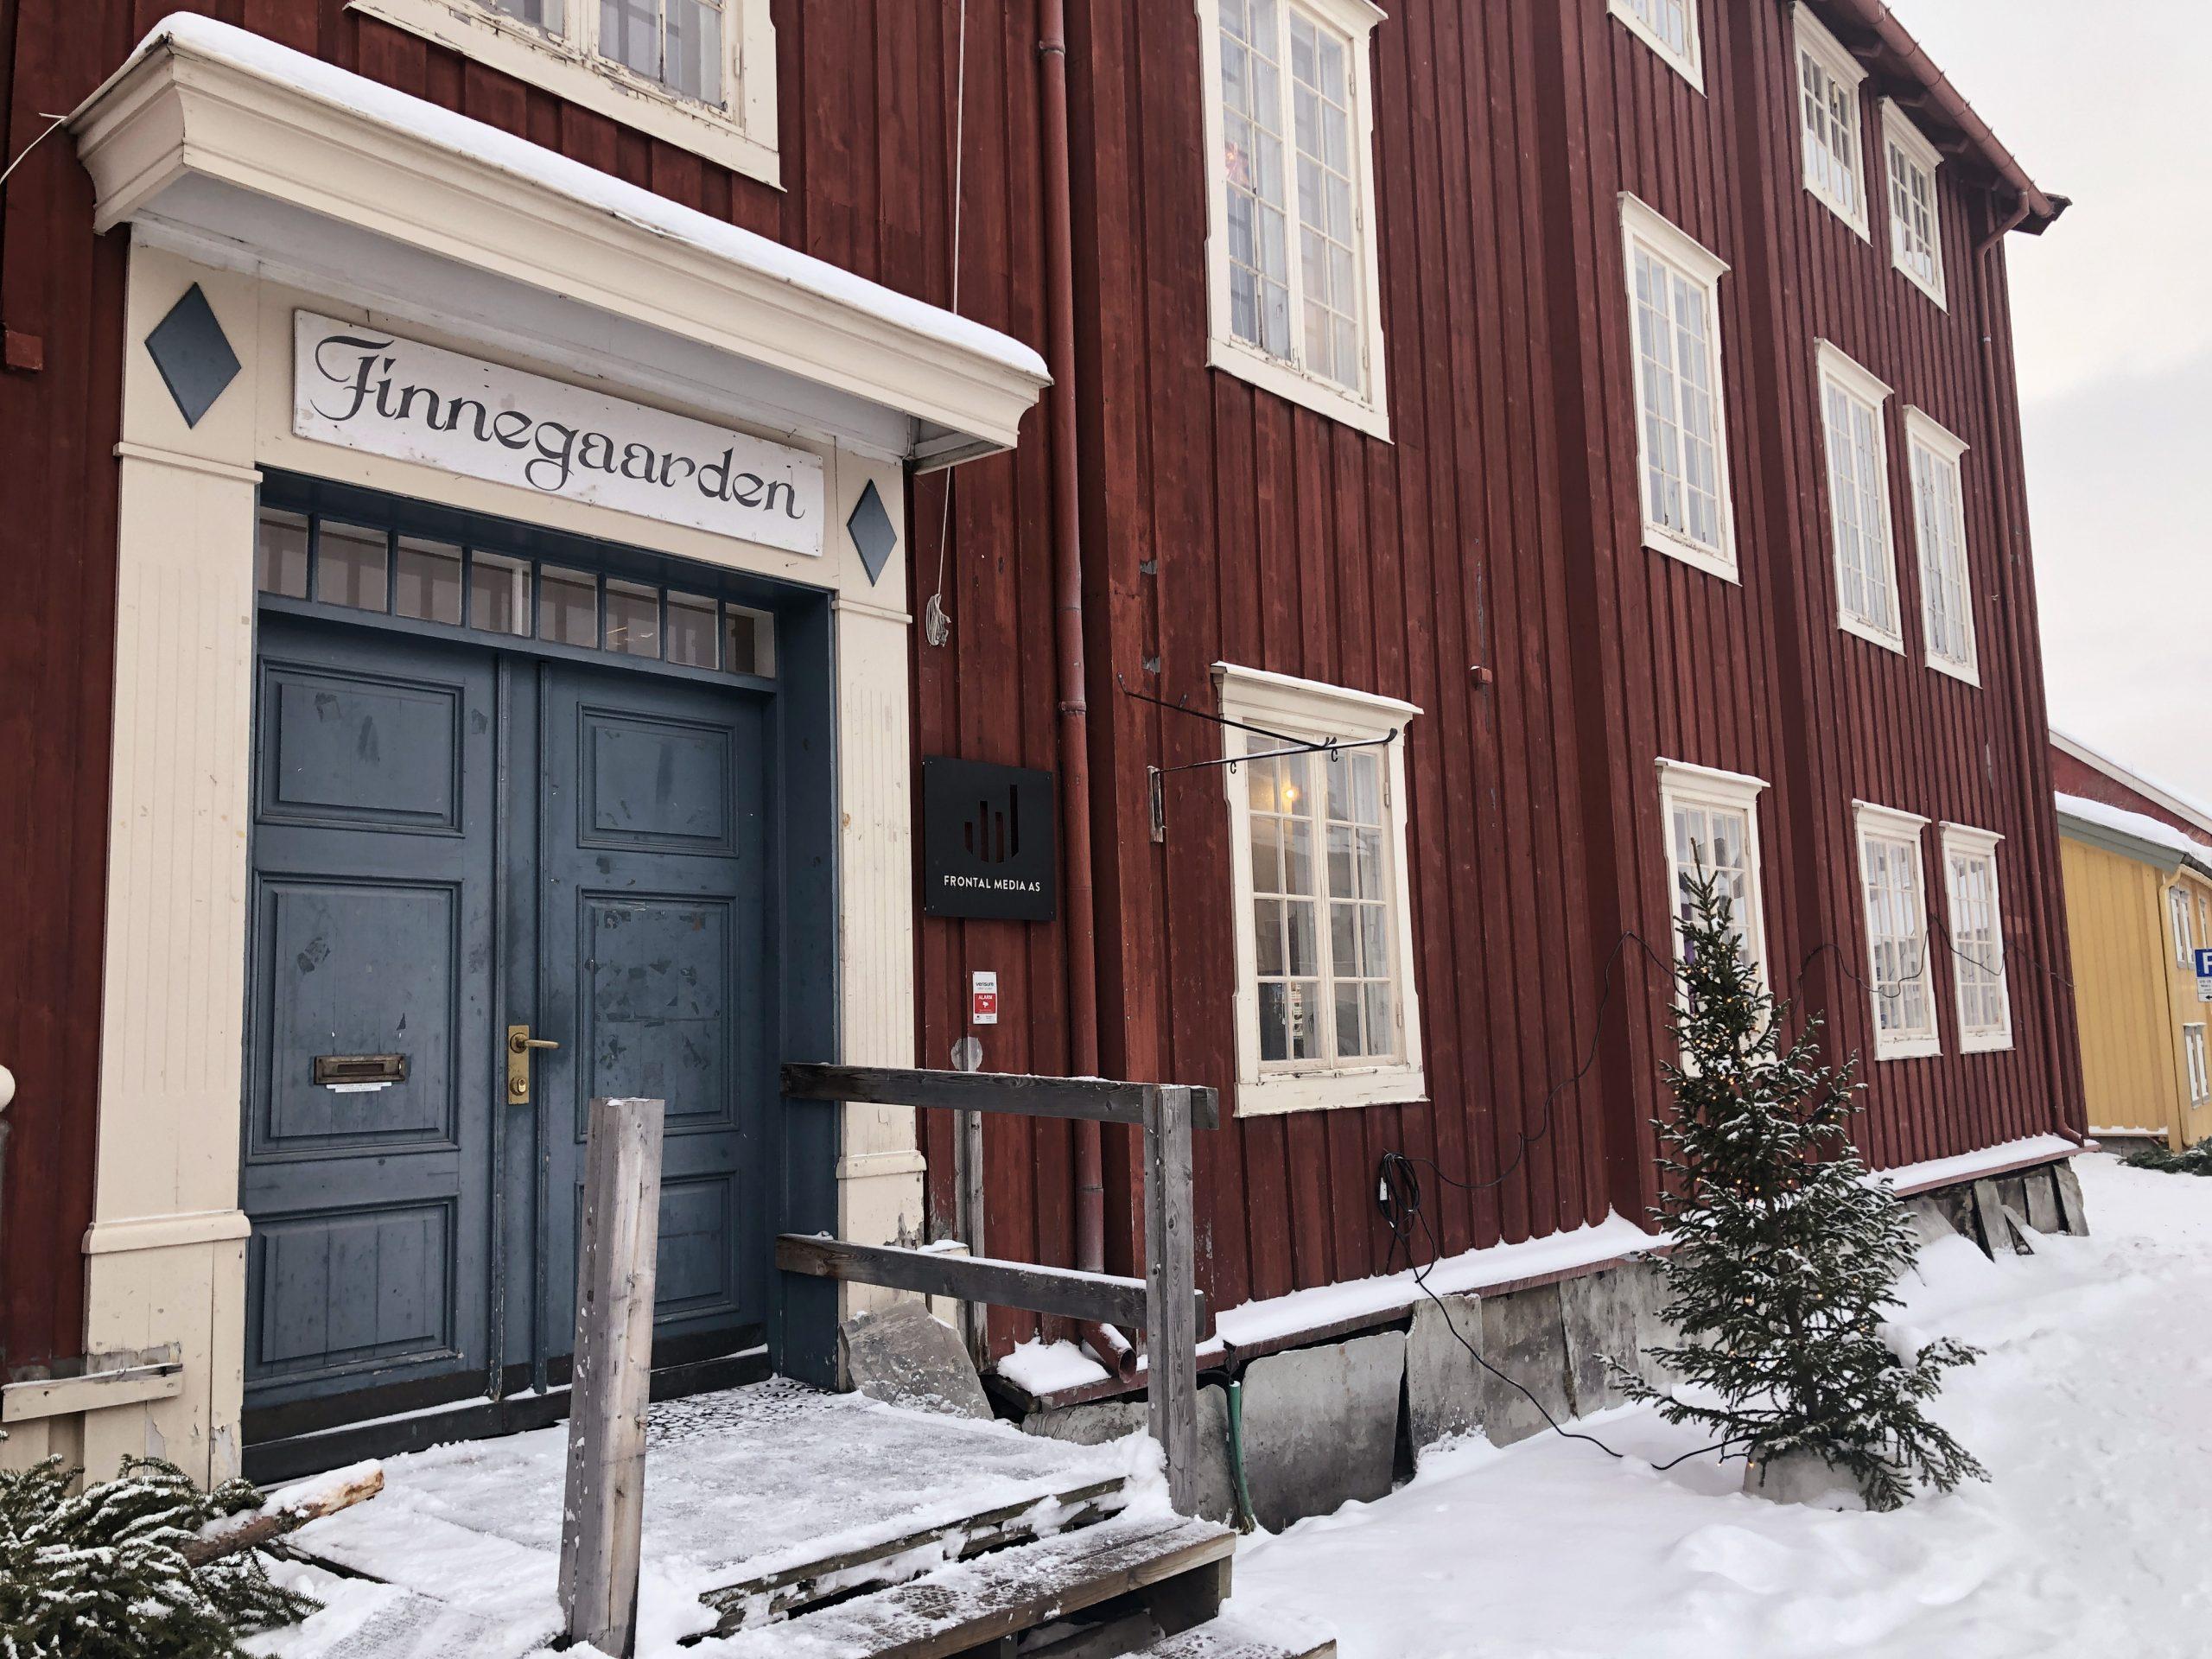 Bilde av framsiden av Finnegaarden i Røros. Den var freda i 2018. Foto tatt av Linda Herud